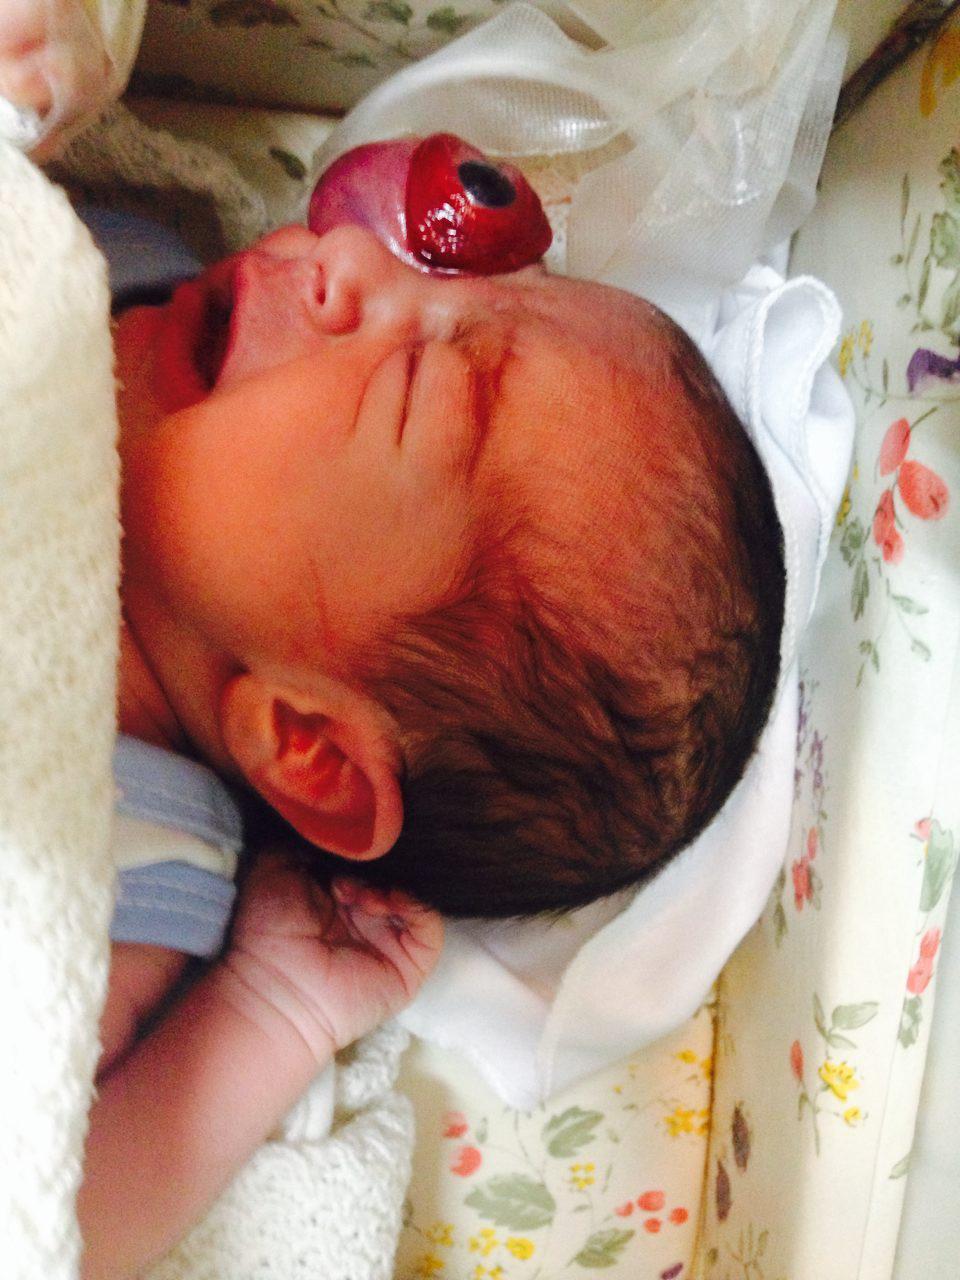 کودکی که باچشم از حدقه بیرون زده متولد شد فردا مرخص می شود + تصاویر